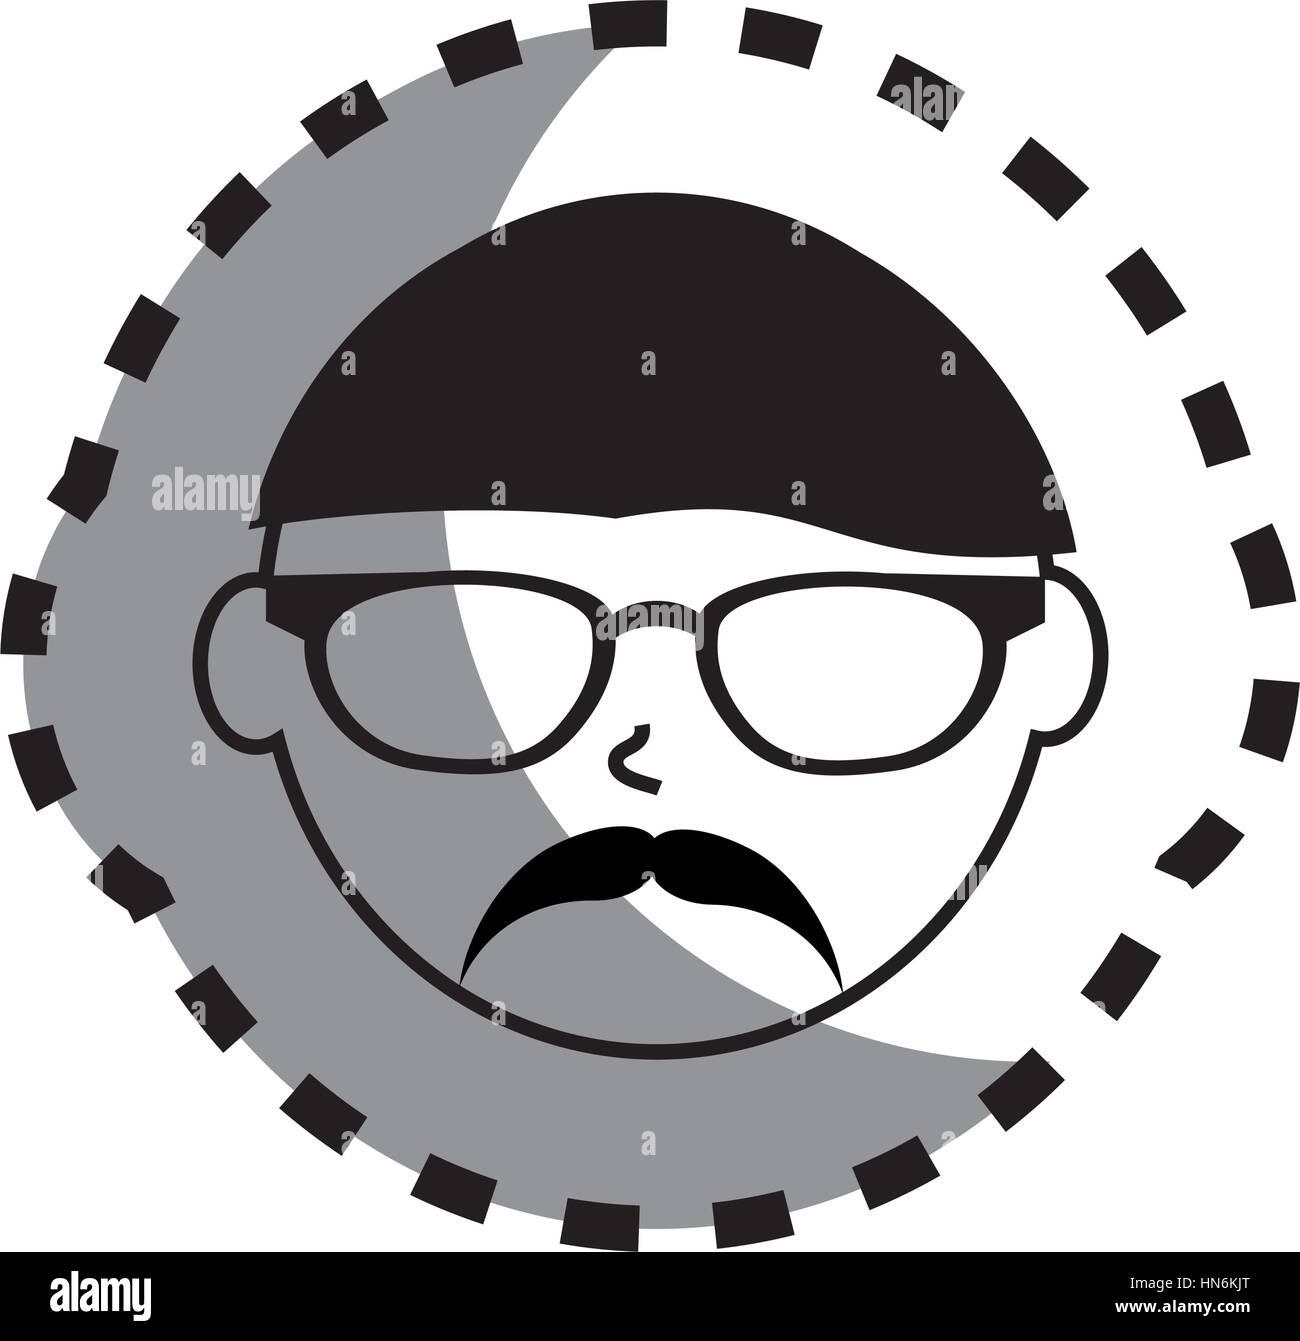 Autocollant avec visage homme monochrome avec lunettes et moustache mexicain style vector illustration photo stock